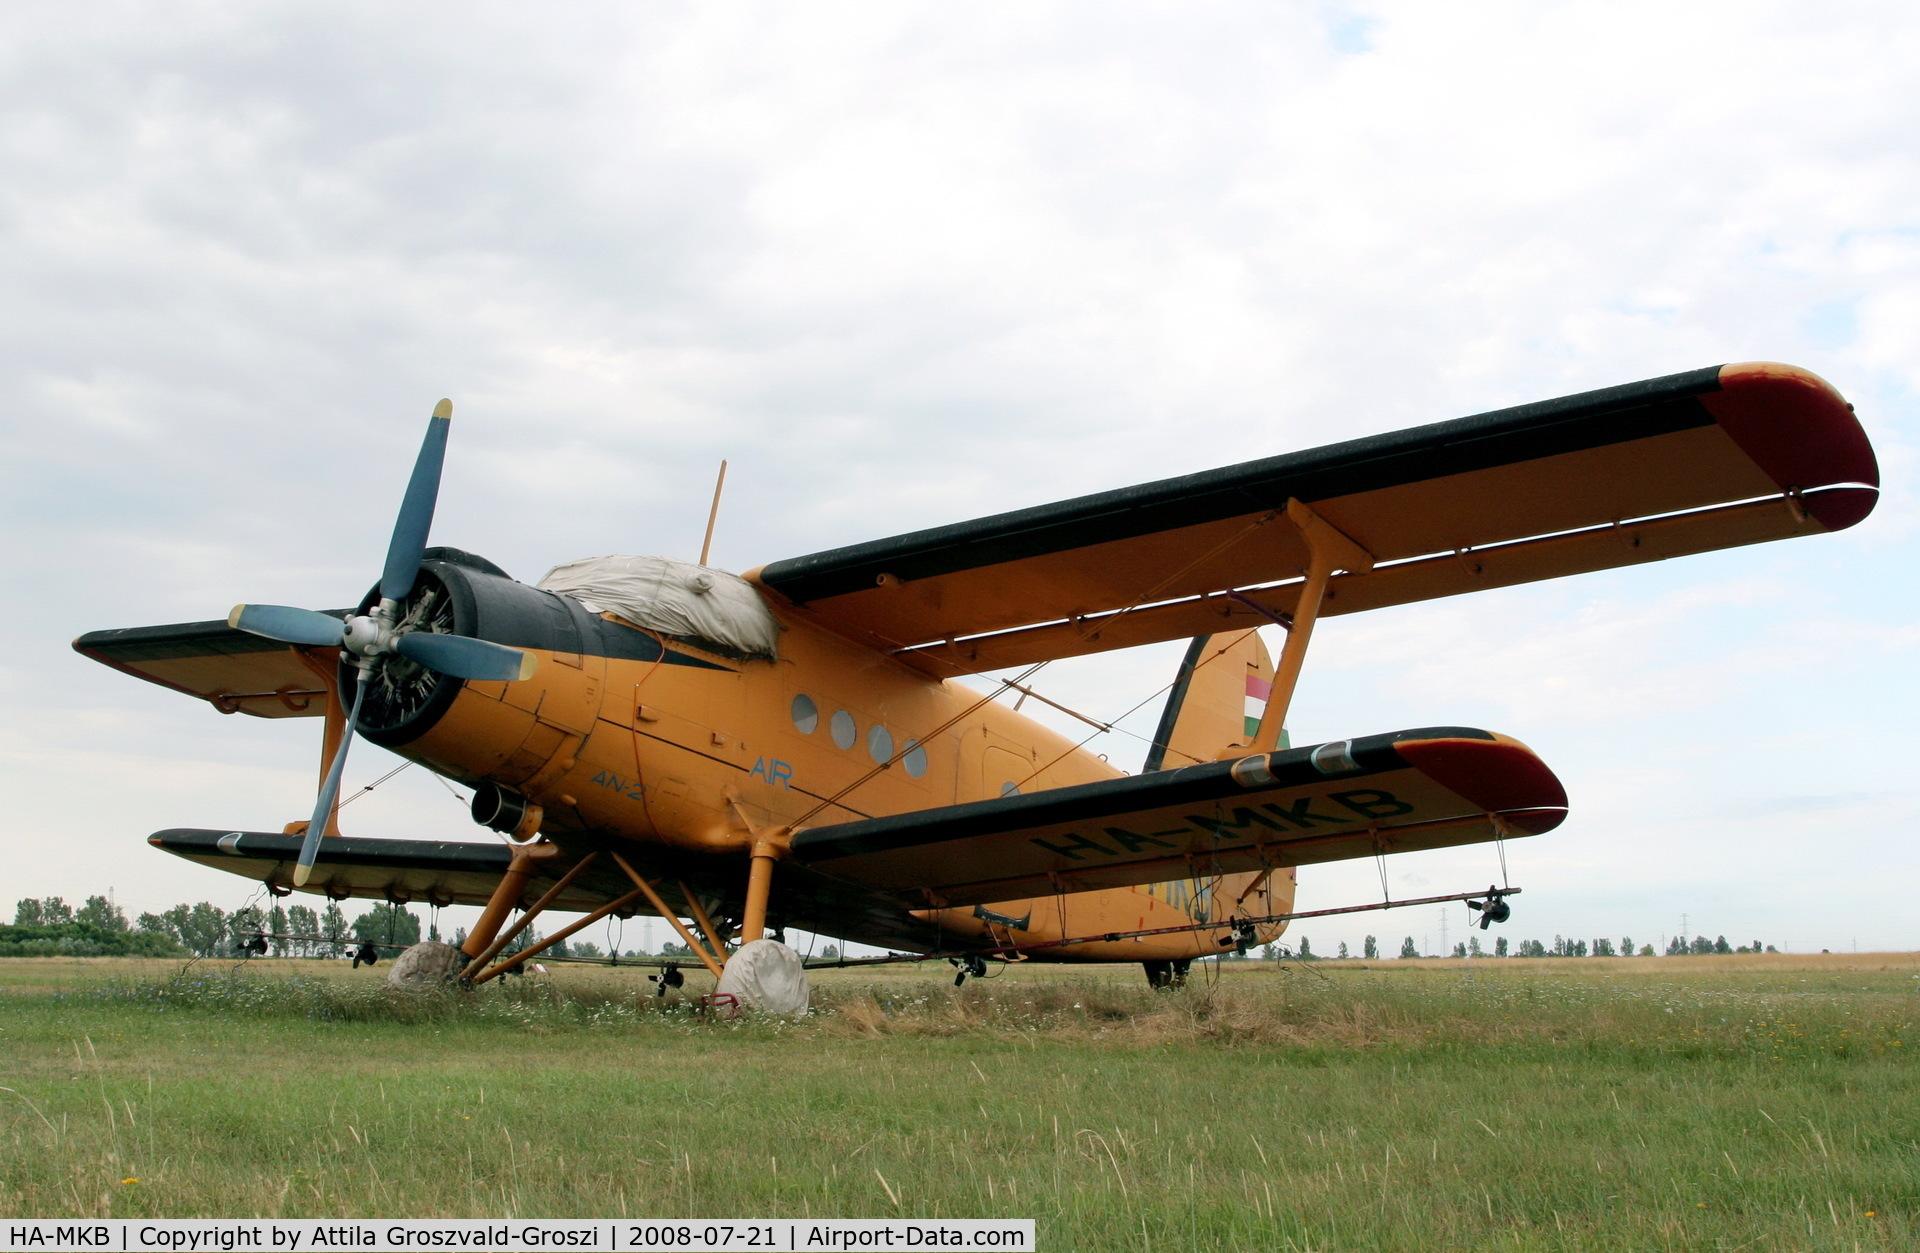 Aircraft HA-MKB (1979 PZL-Mielec AN-2R C/N 1G190-15) Photo